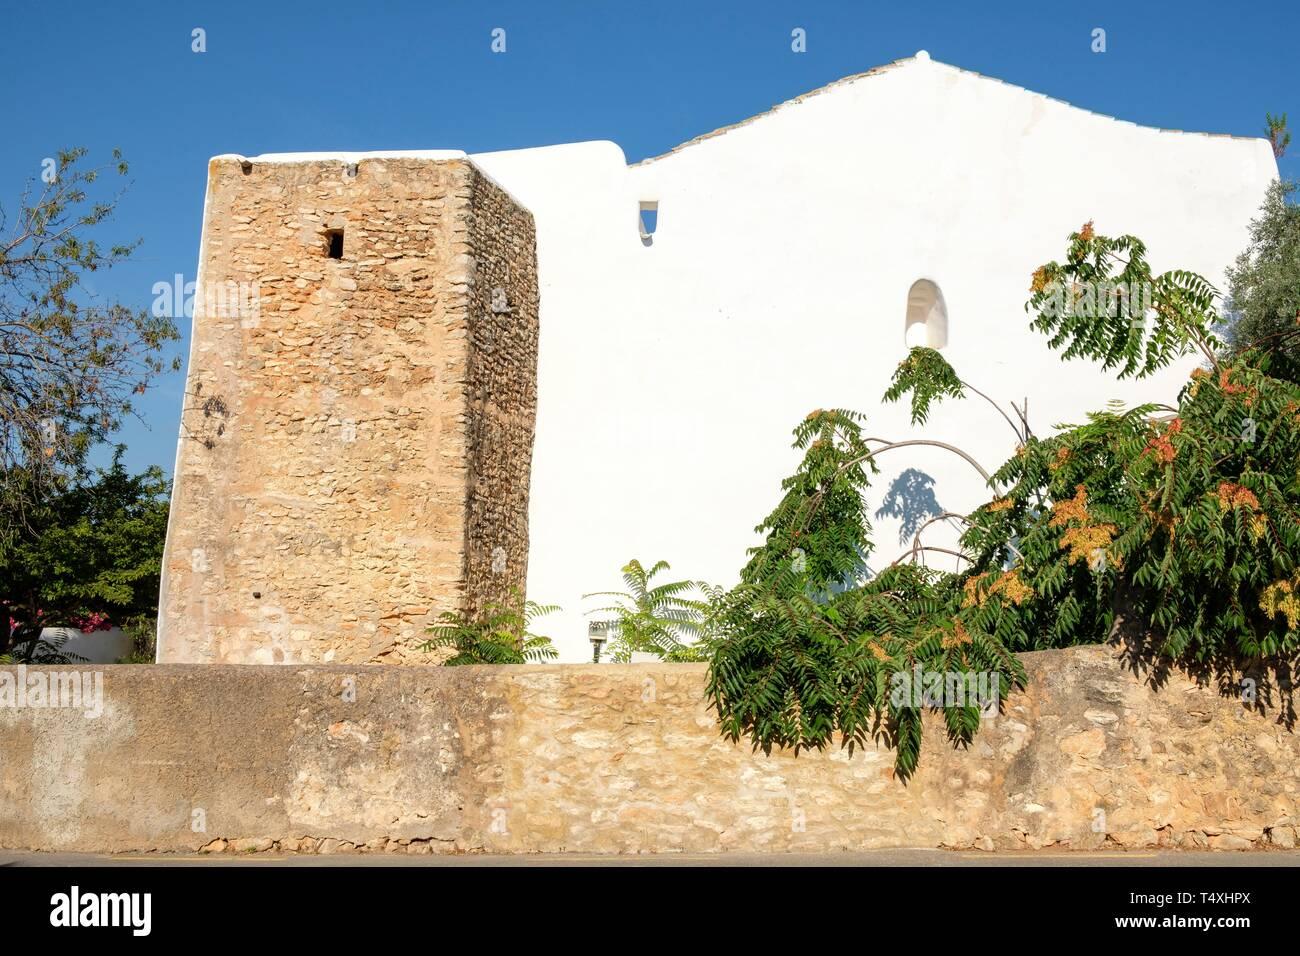 iglesia fortificada de Sant Llorenç de Balàfia, 1785, Ibiza, balearic islands, Spain. - Stock Image